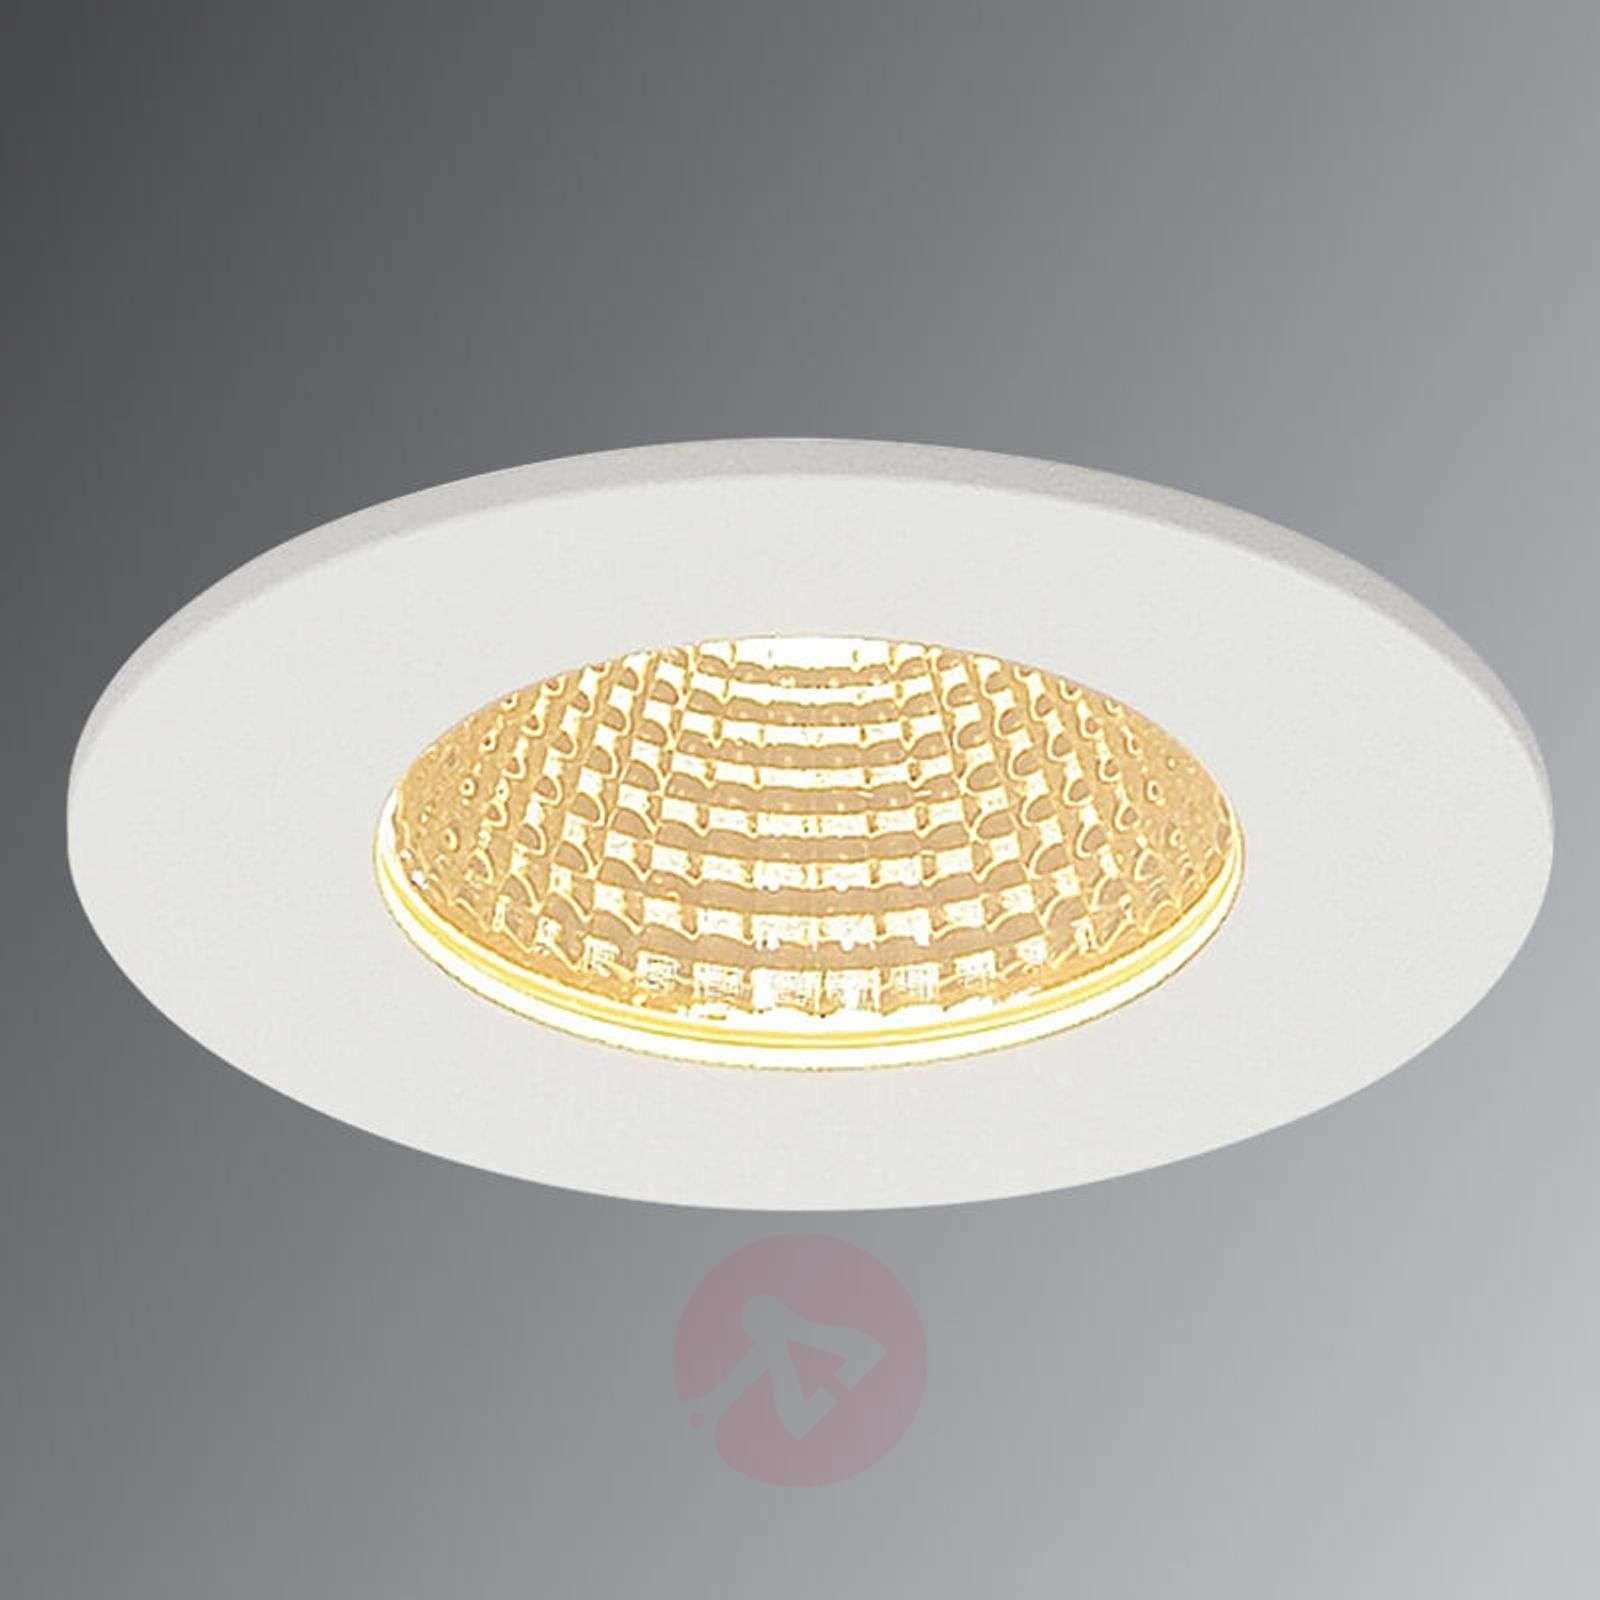 White LED recessed ceiling lamp Patta-I-5504793-01